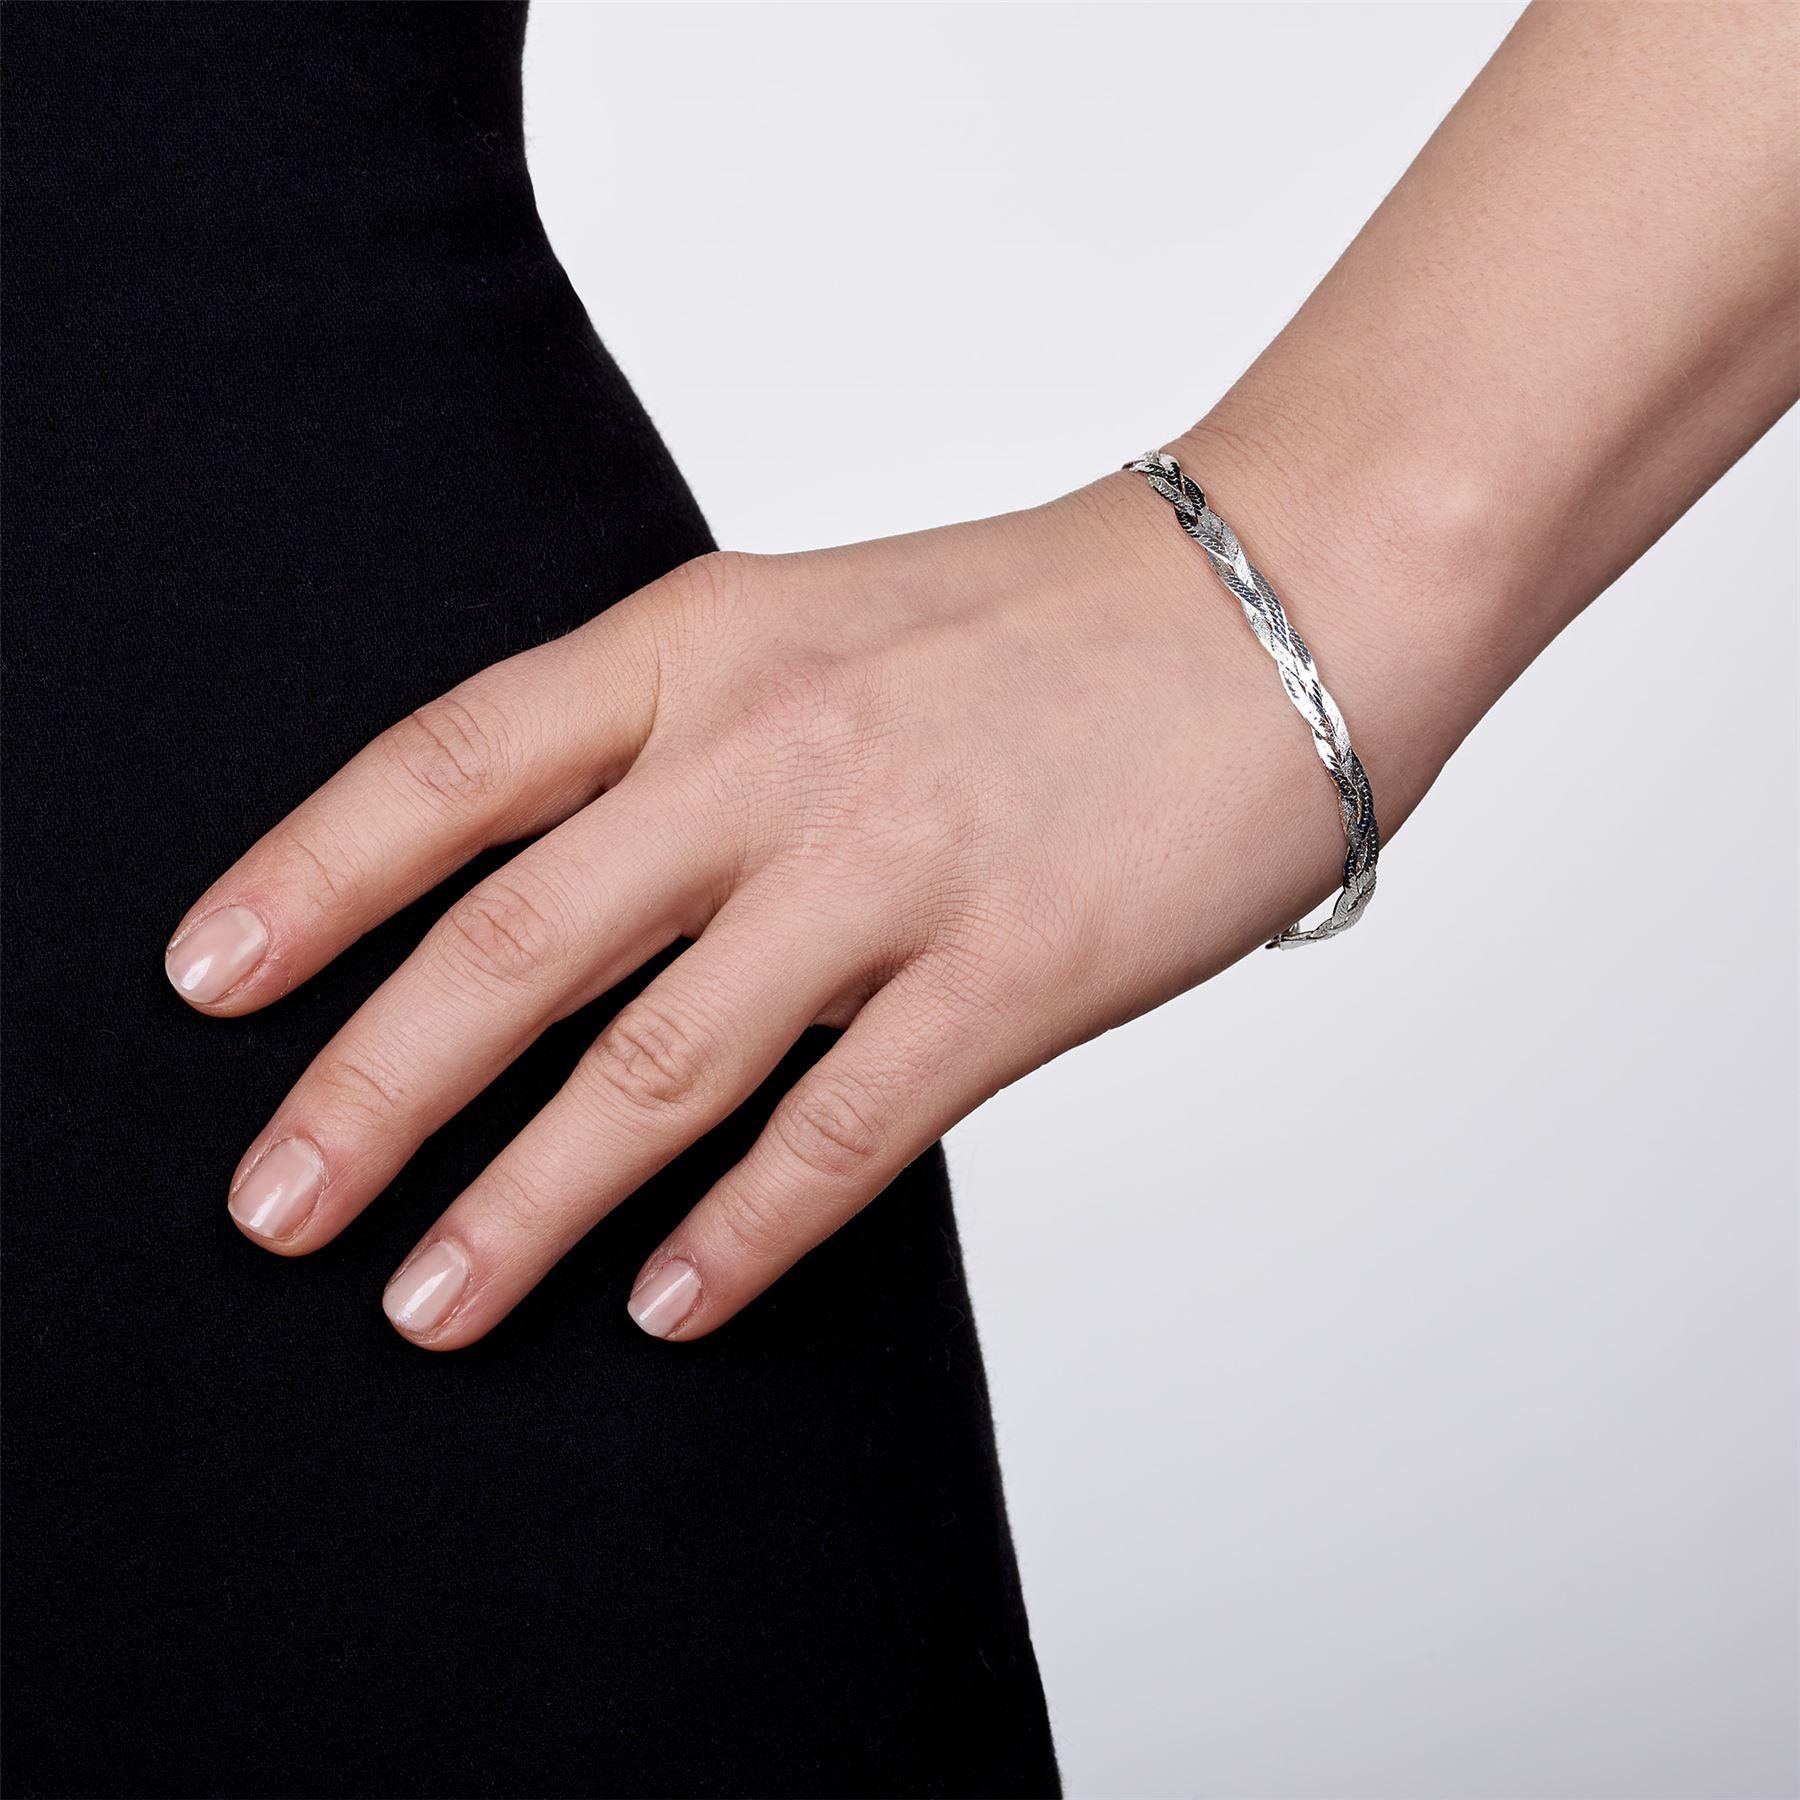 Amberta-Bijoux-Bracelet-en-Vrai-Argent-Sterling-925-Chaine-pour-Femme-a-la-Mode thumbnail 98